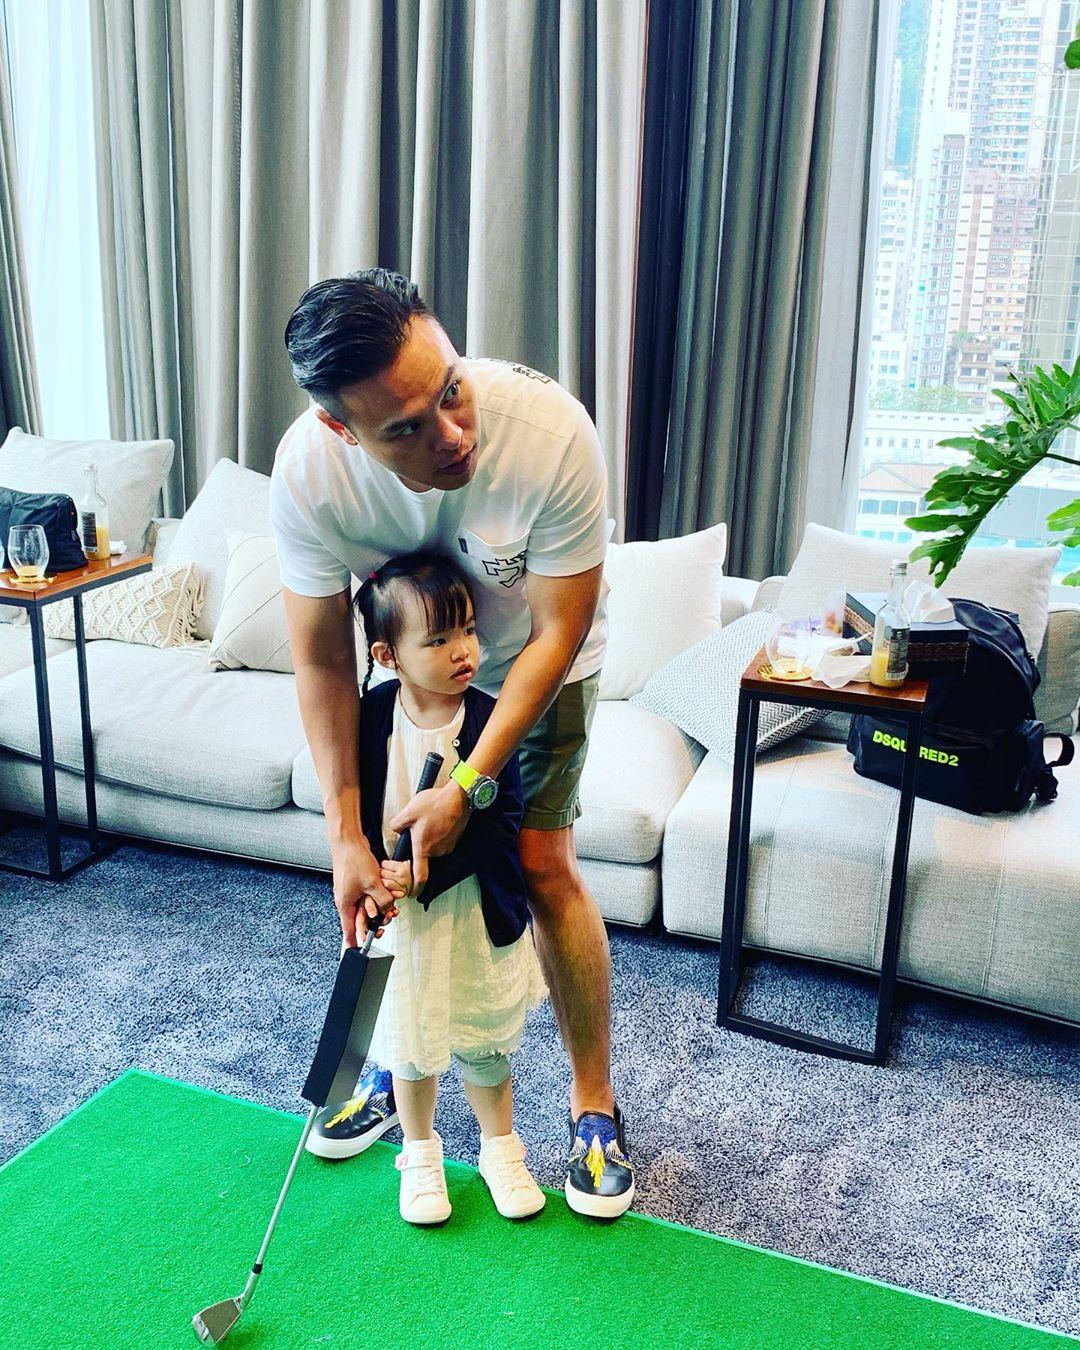 熊黛林晒亲子时光,夫妻带女儿在家打高尔夫,网友却聚焦豪宅面积